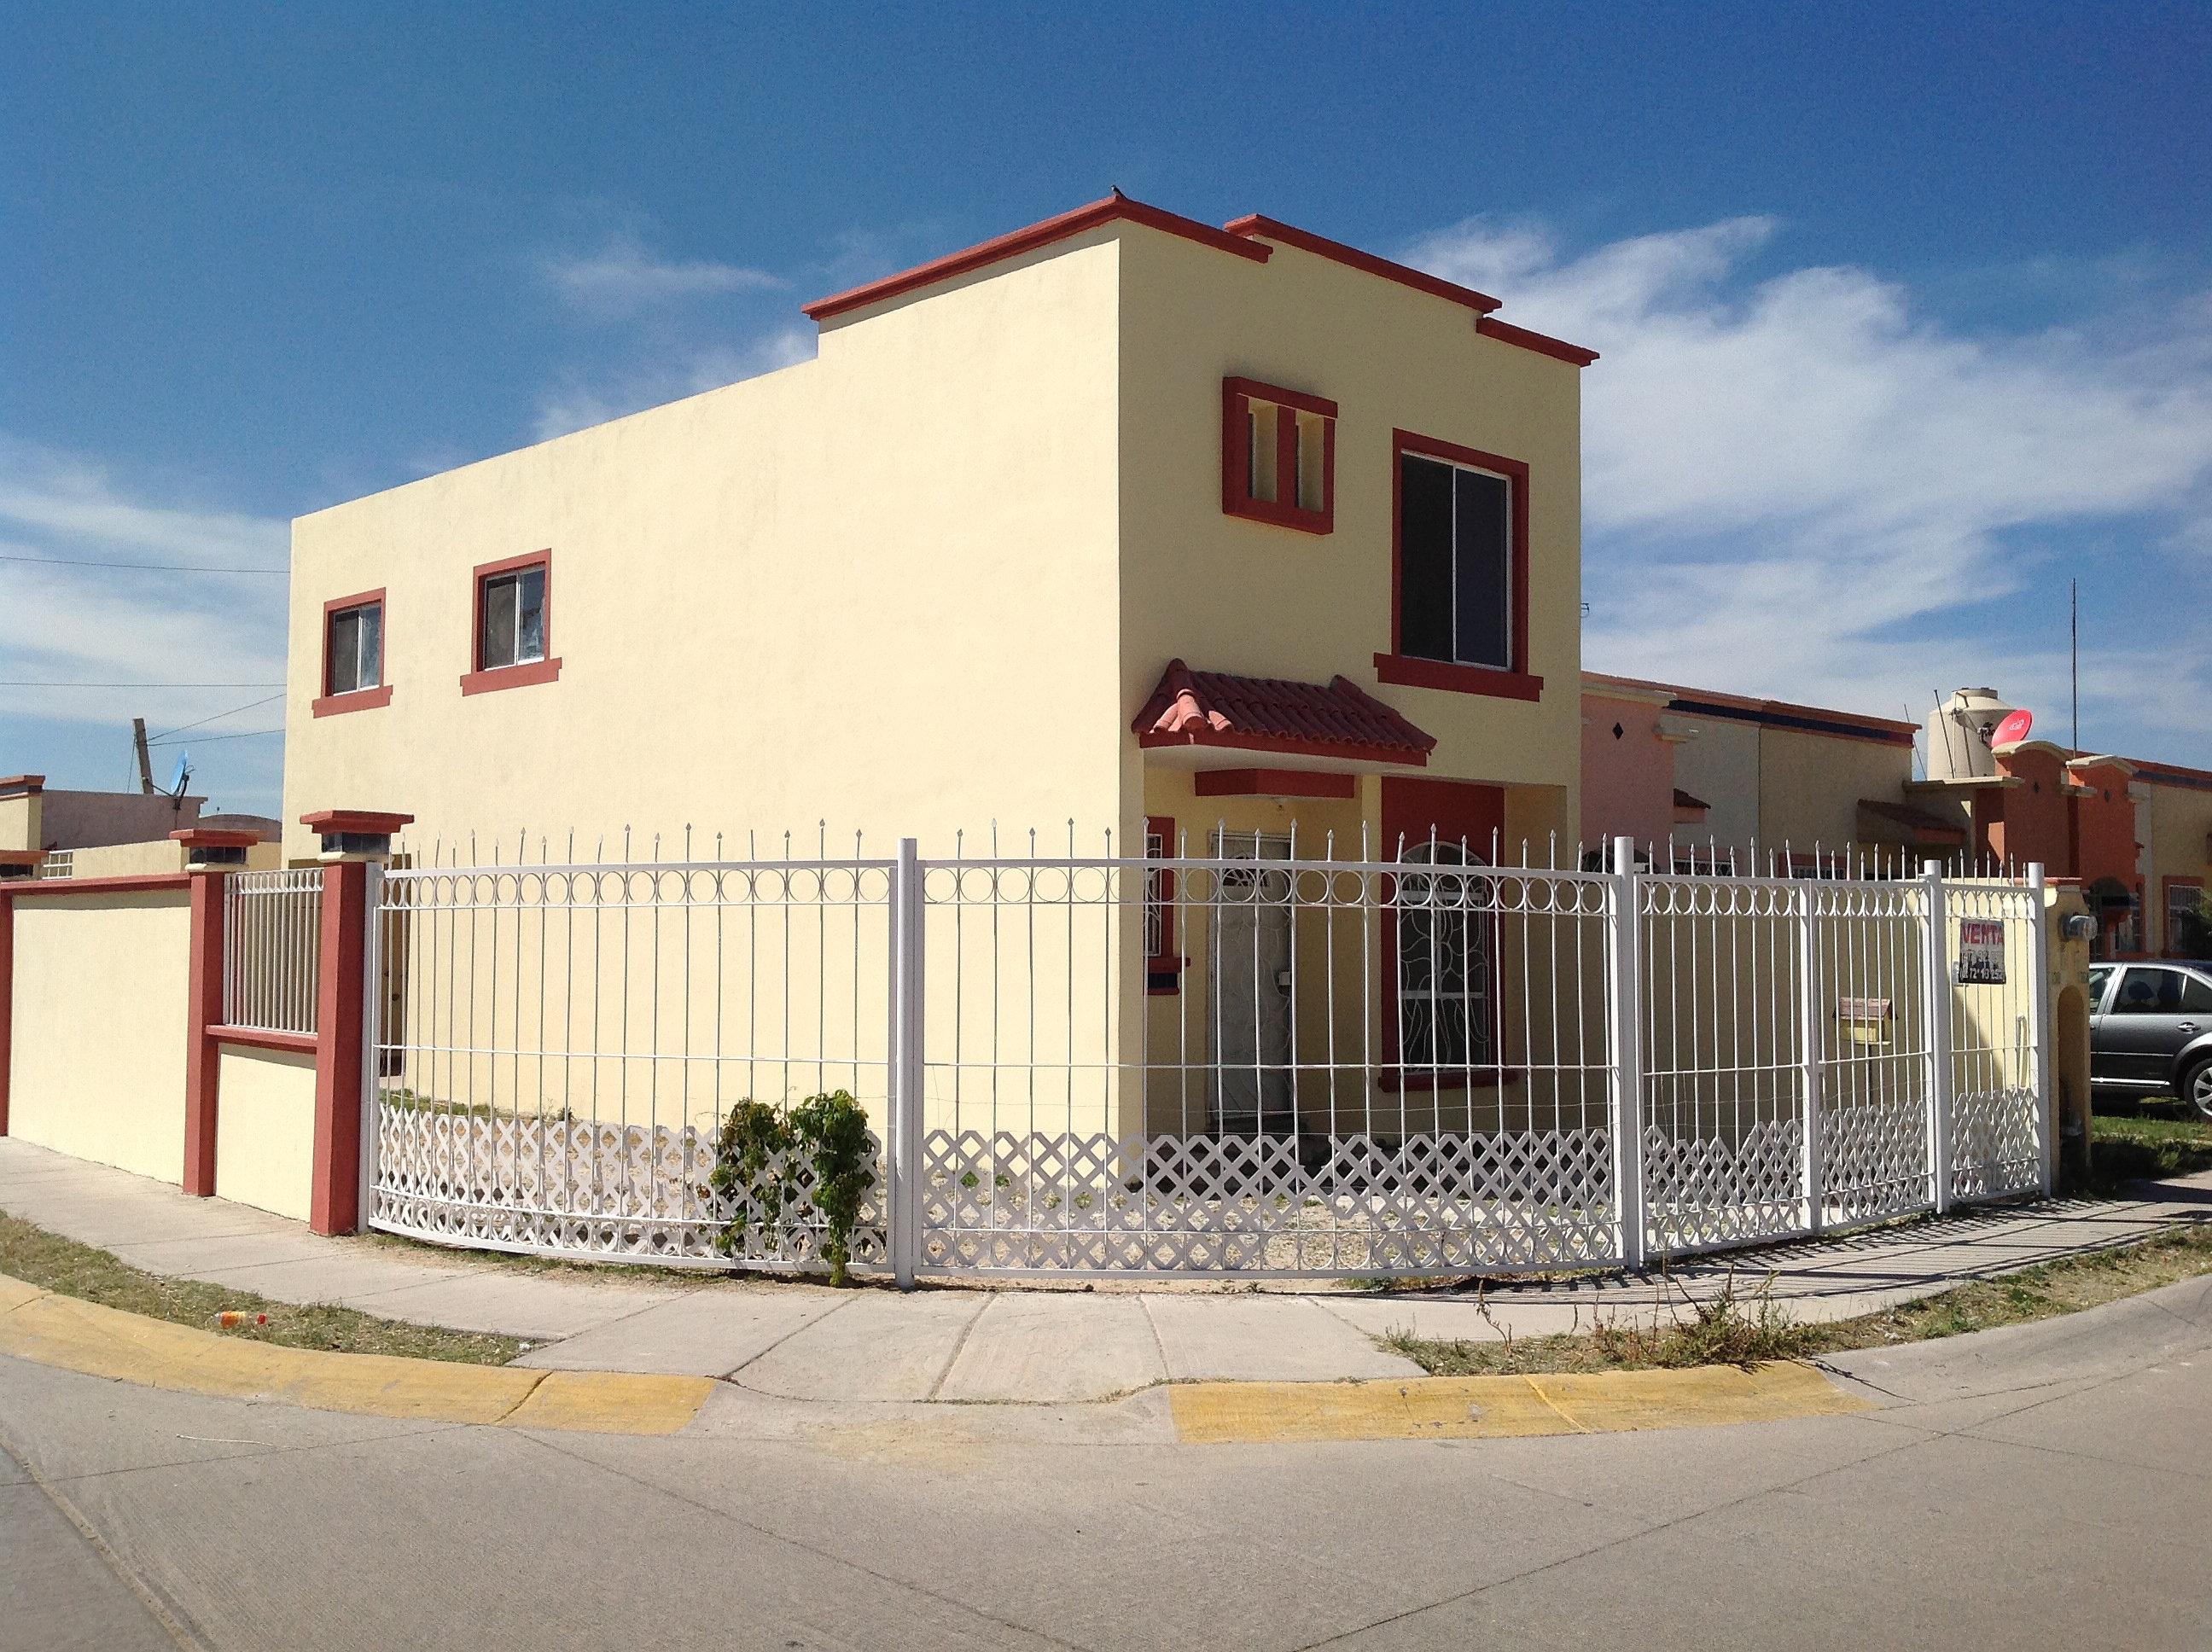 Mi casa ideal inmobiliaria leon gto mexico renta casa for Casas en leon gto